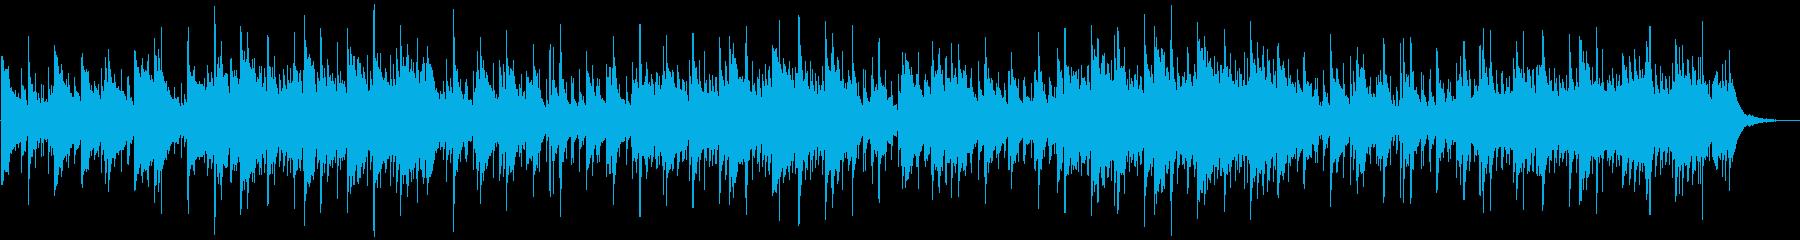 日の出を予感するようなポップなBGMの再生済みの波形